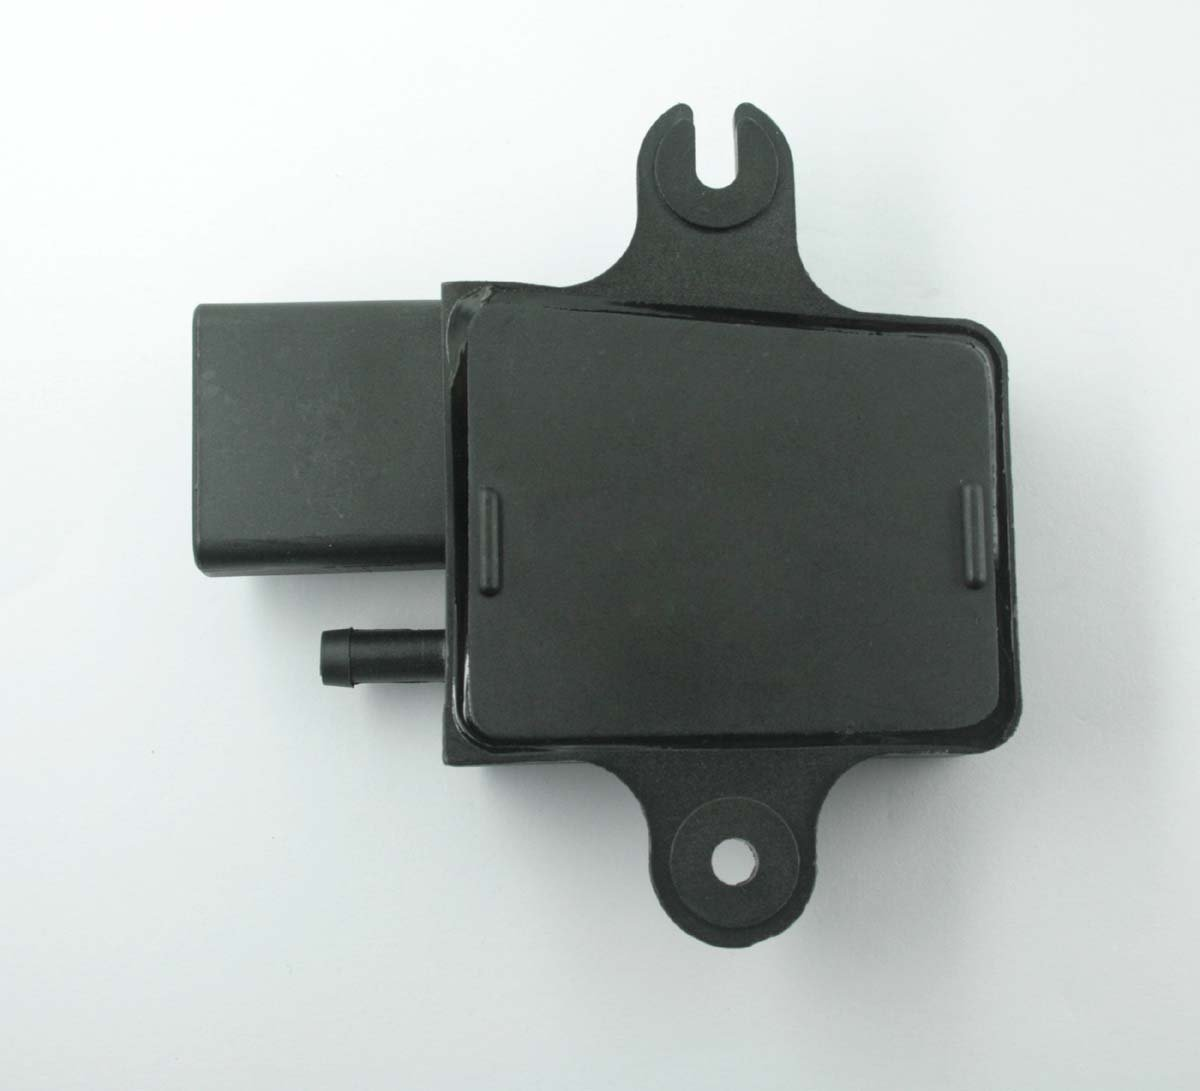 Xa nuevo mapa ingesta sensor de presión absoluta colector Ford 7.3L V8 Turbo para cortacésped Diesel sustituye f4tf9s480aa f4tz9 F479 a f8y89 F479ba AS90 ...